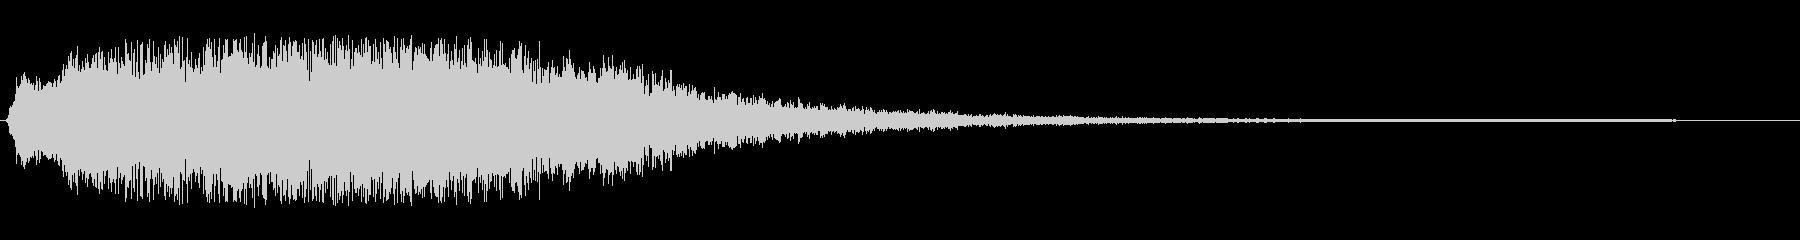 トゥルリラリララン(ジングル向きの音源)の未再生の波形